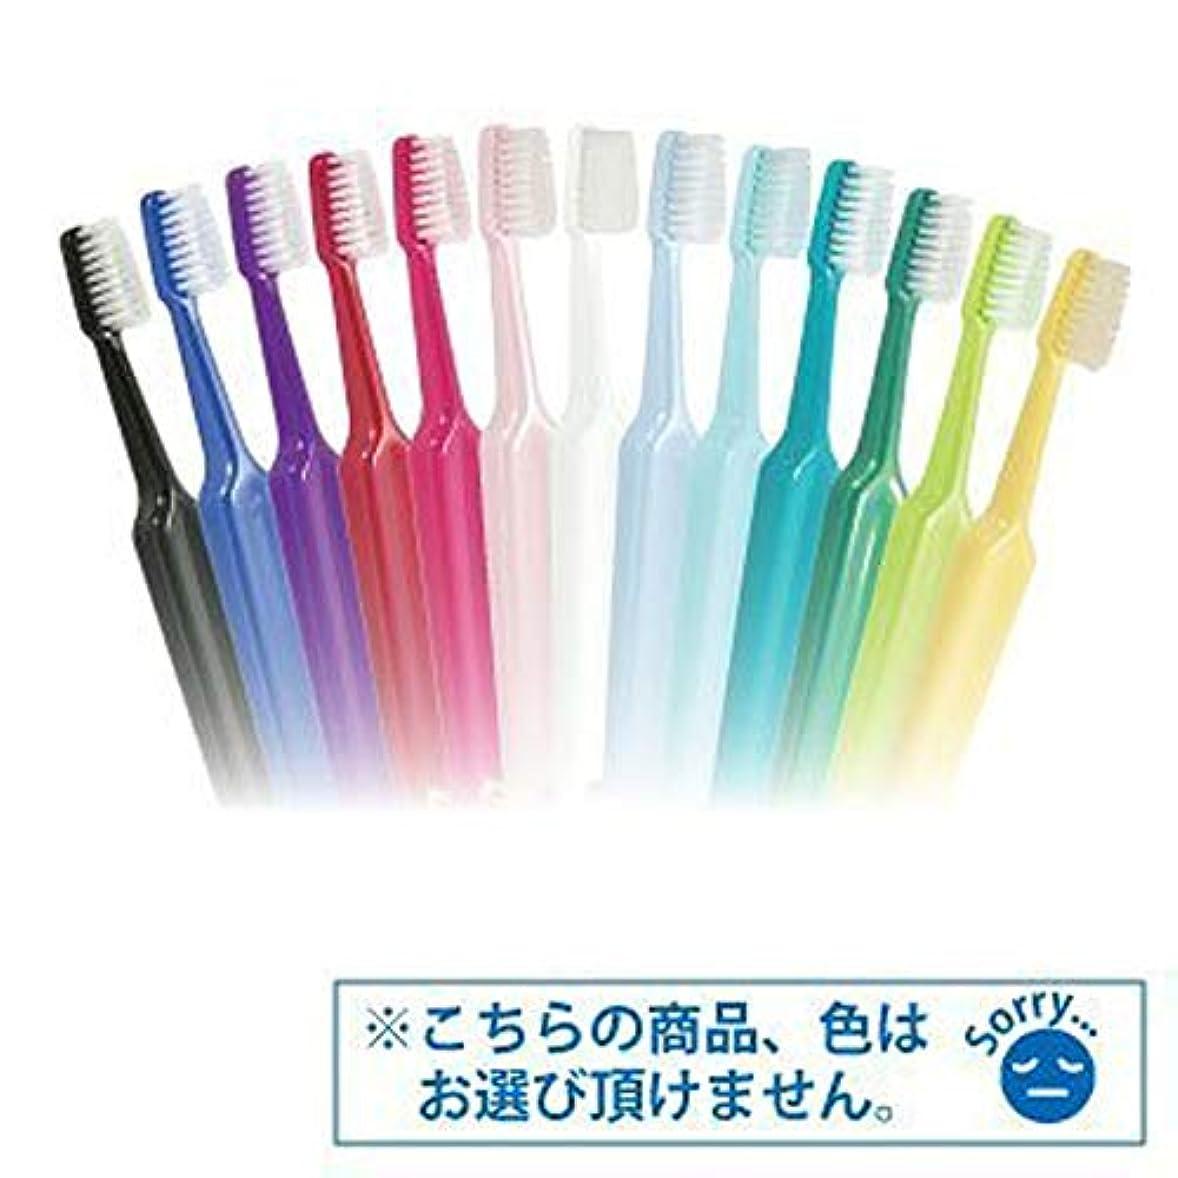 ボウリングリラックスファブリックTePe テペ セレクトコンパクト コンパクトミディアム 歯ブラシ 20本